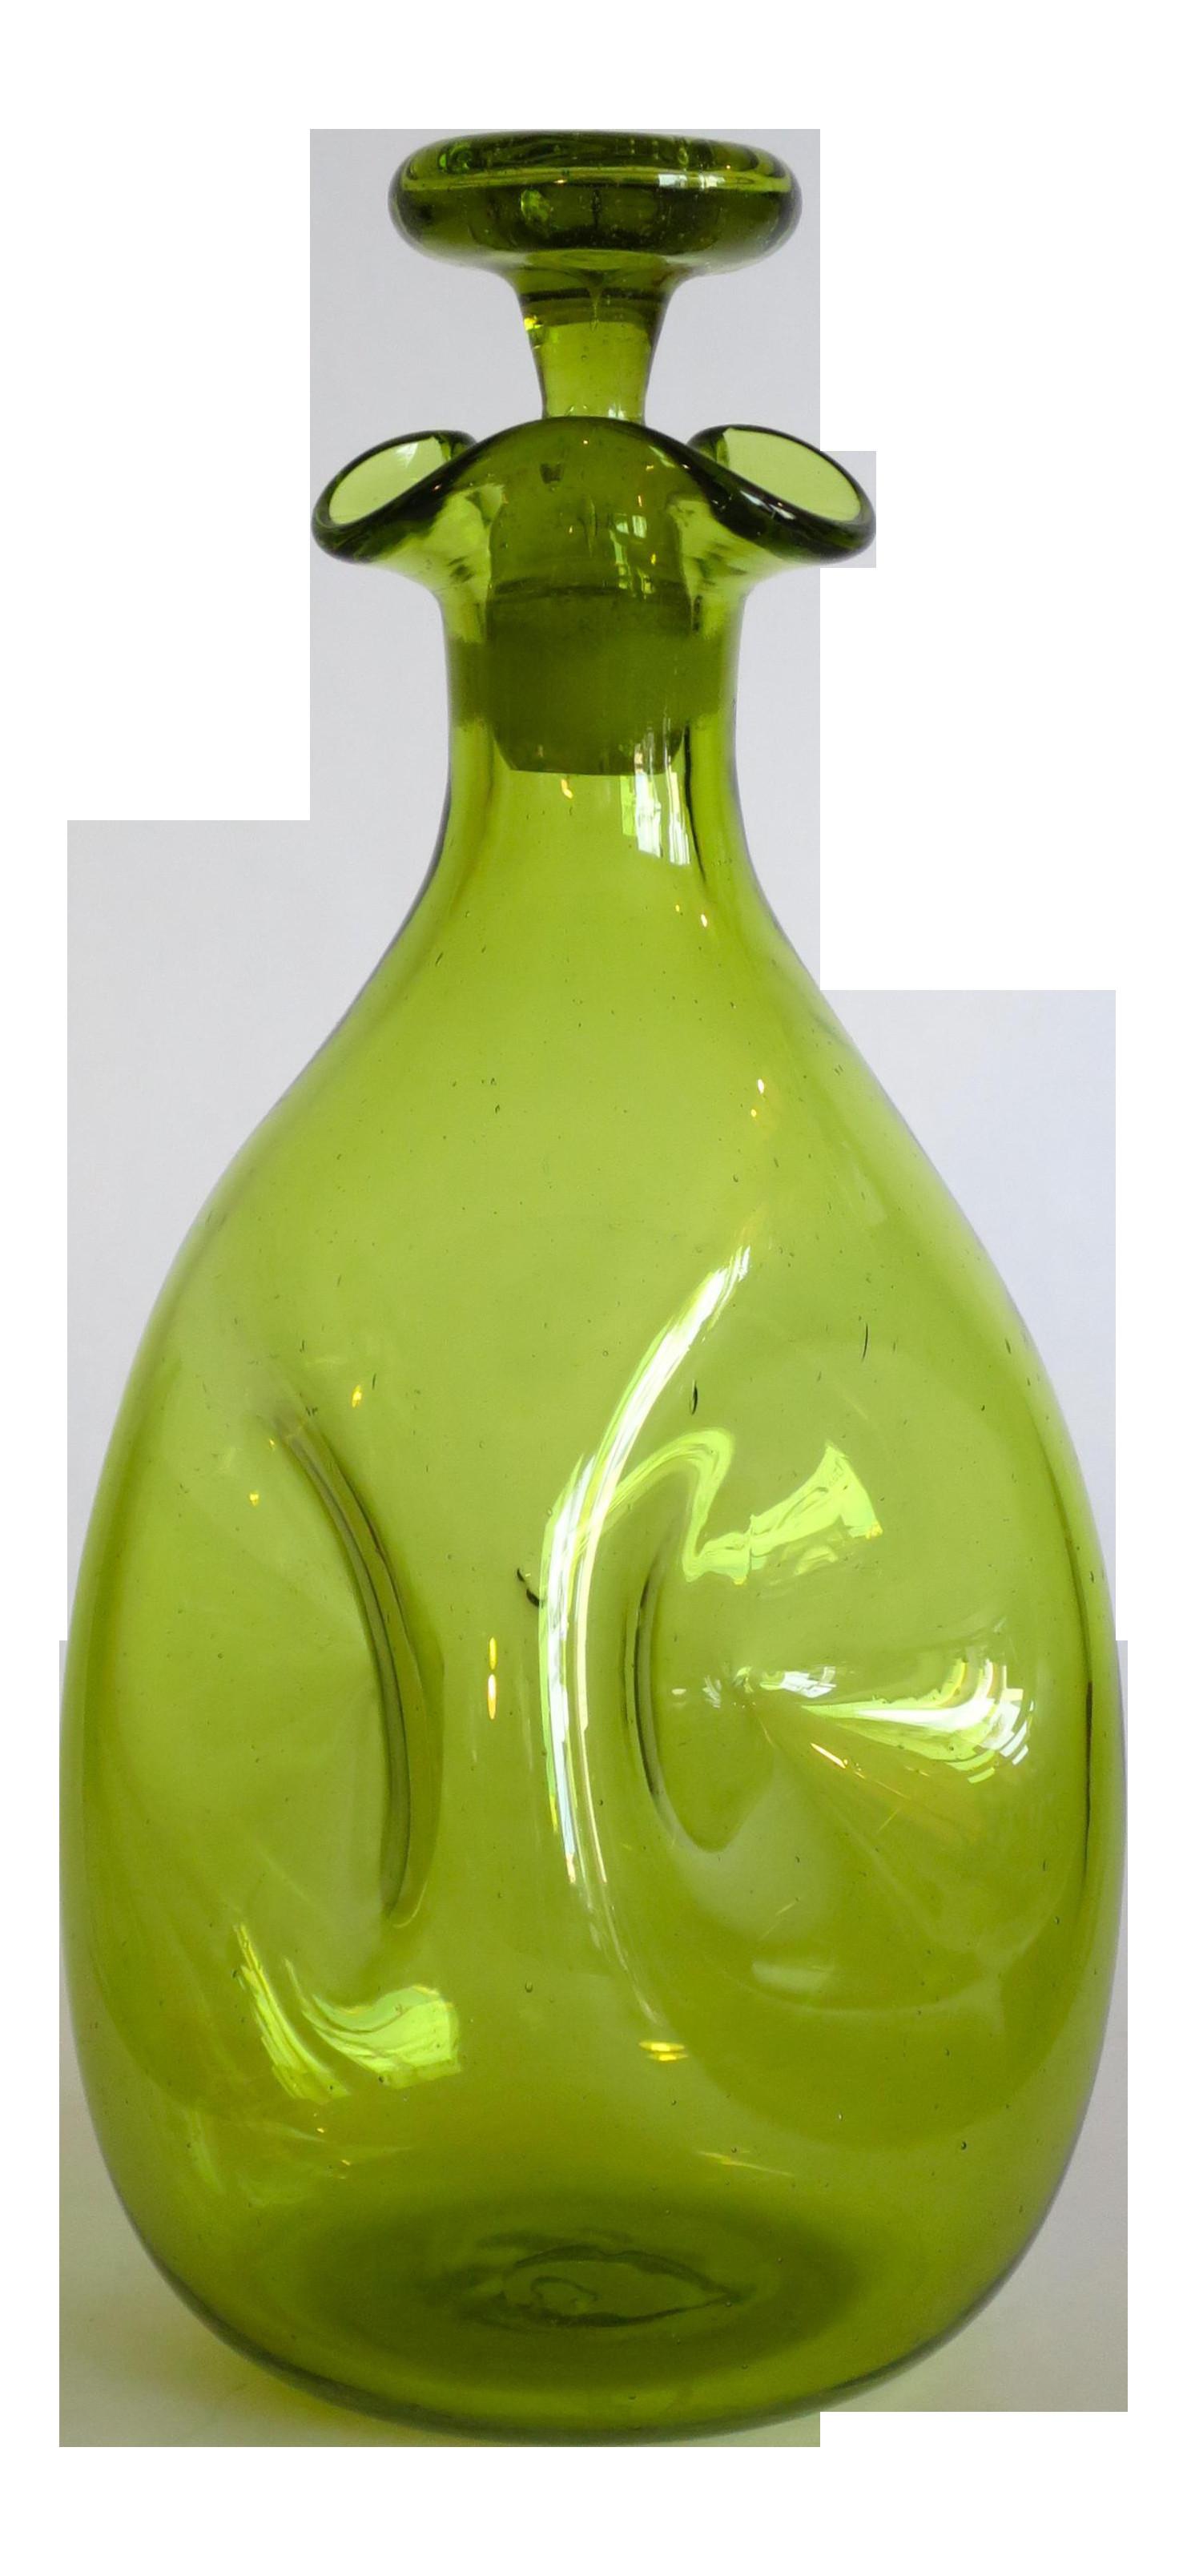 blenko handcraft vase of vintage handblown blenko glass decanter chairish within vintage handblown blenko glass decanter 8668